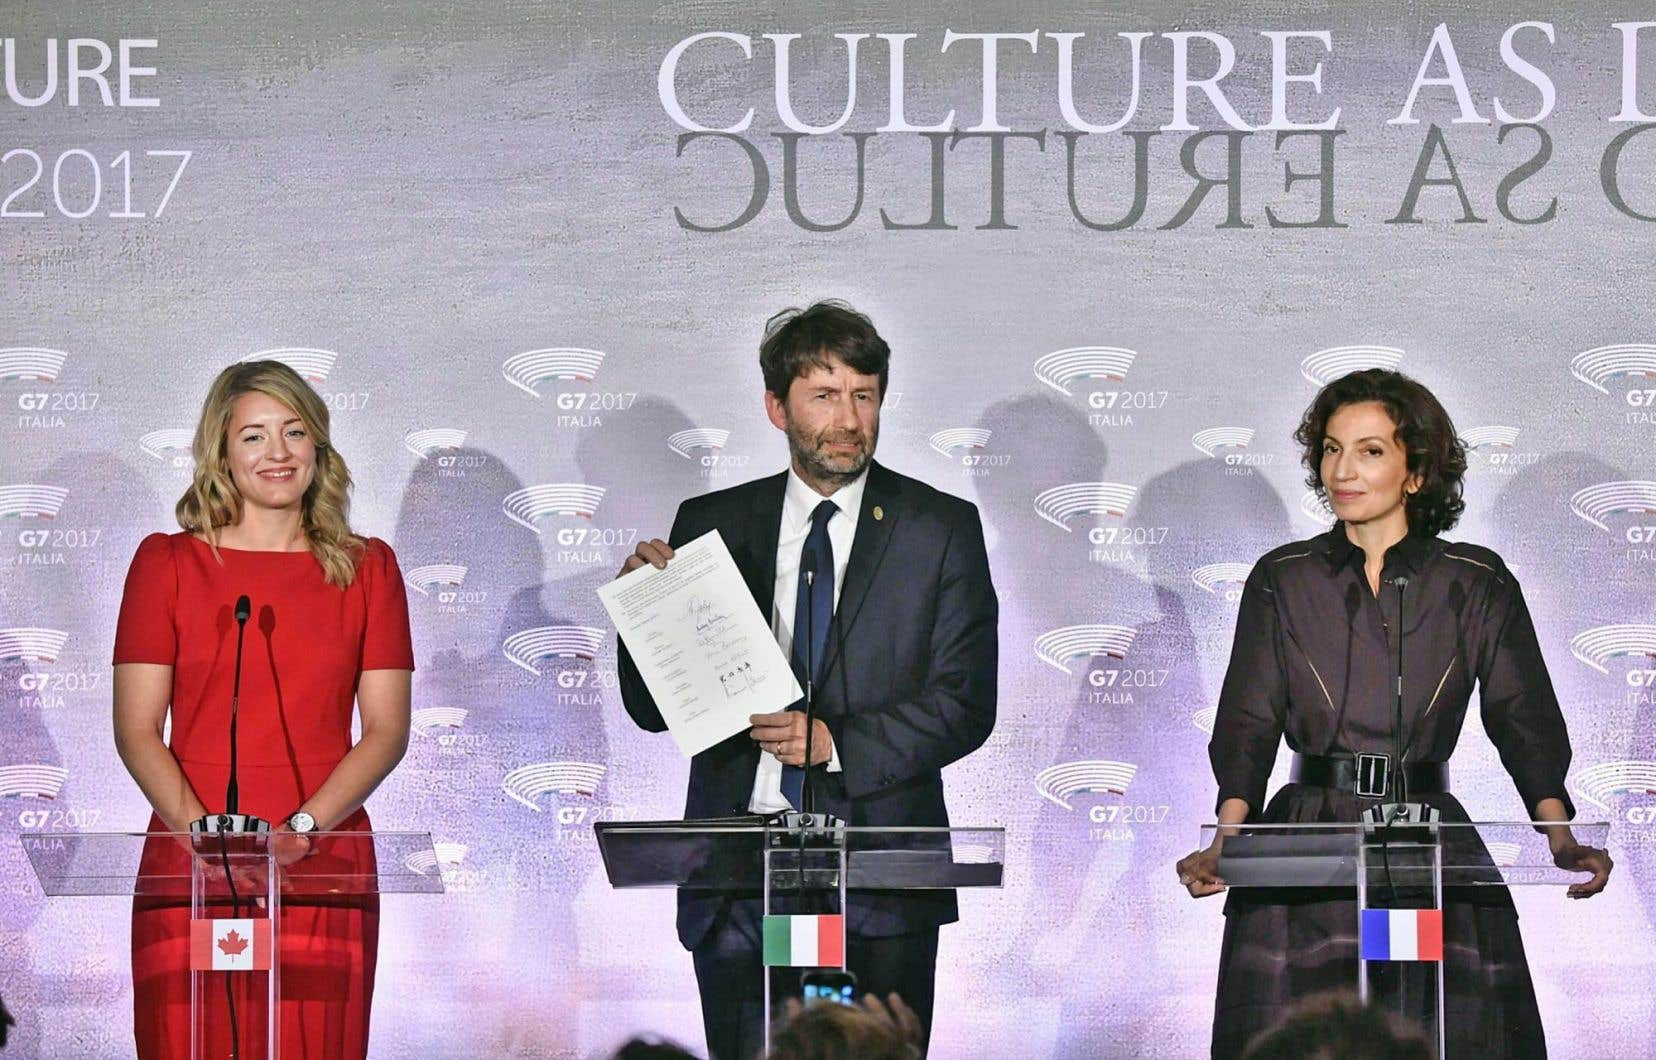 Mélanie Joly, ministre du Patrimoine canadien, est en Italie pour assister à la première réunion des pays du G7 sur la culture. Elle rencontrera ses homologues, dont les ministres de la Culture d'Italie, Dario Franceschini (au centre), et de la France, Audrey Azoulay (à droite), pour discuter de la diversité culturelle à l'ère numérique.